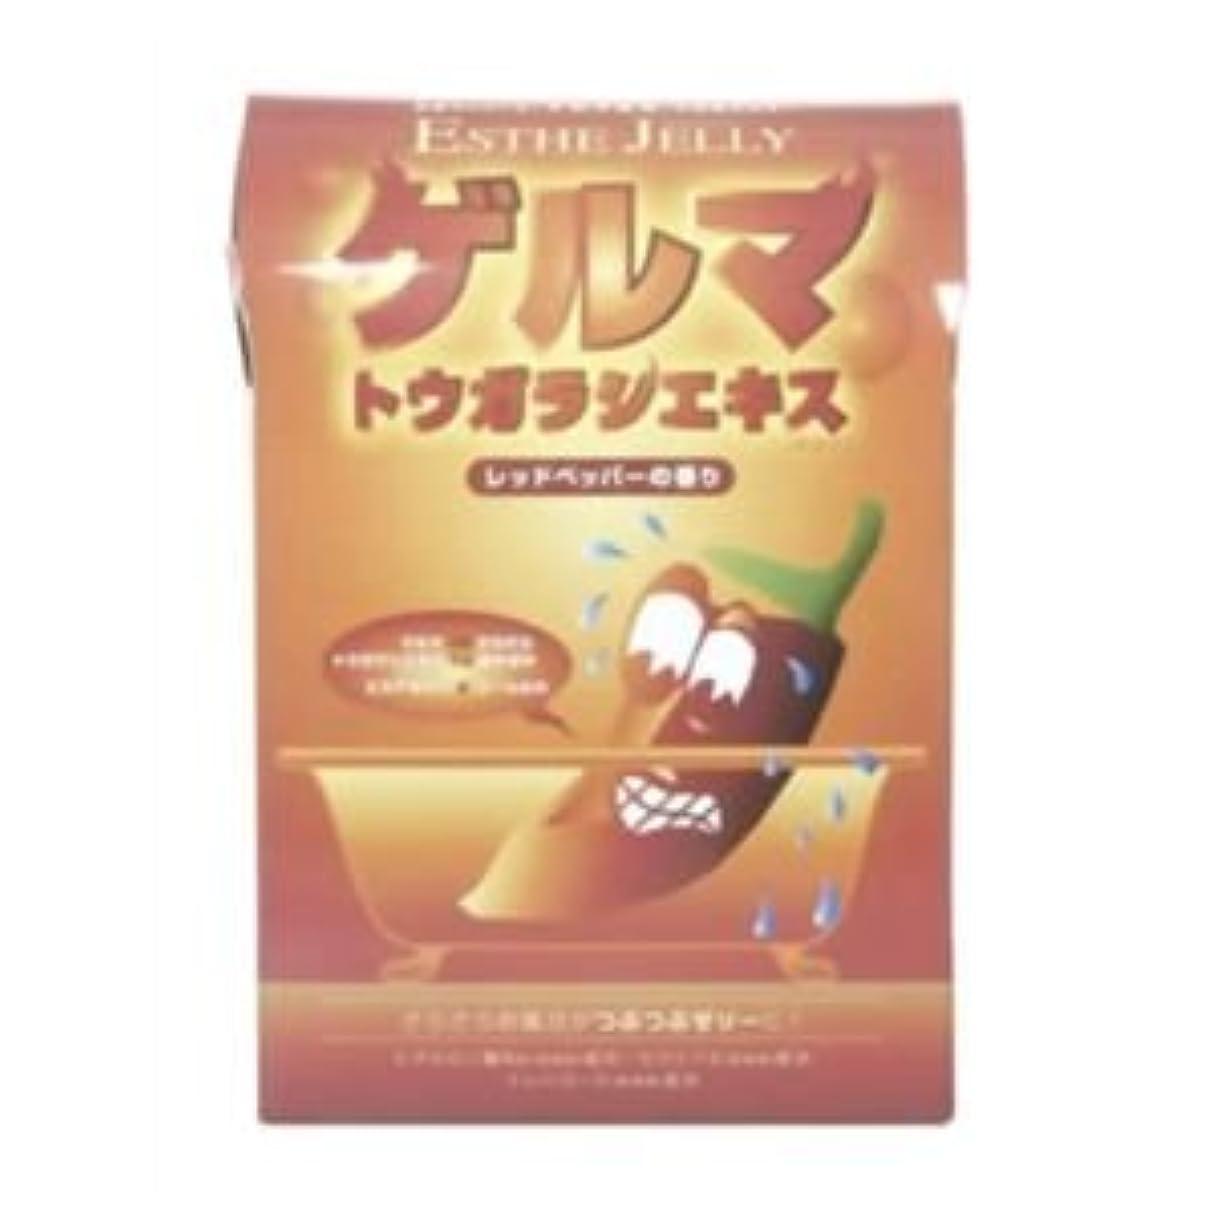 エステゼリー ゲルマ レッドペッパーの香り 【2セット】